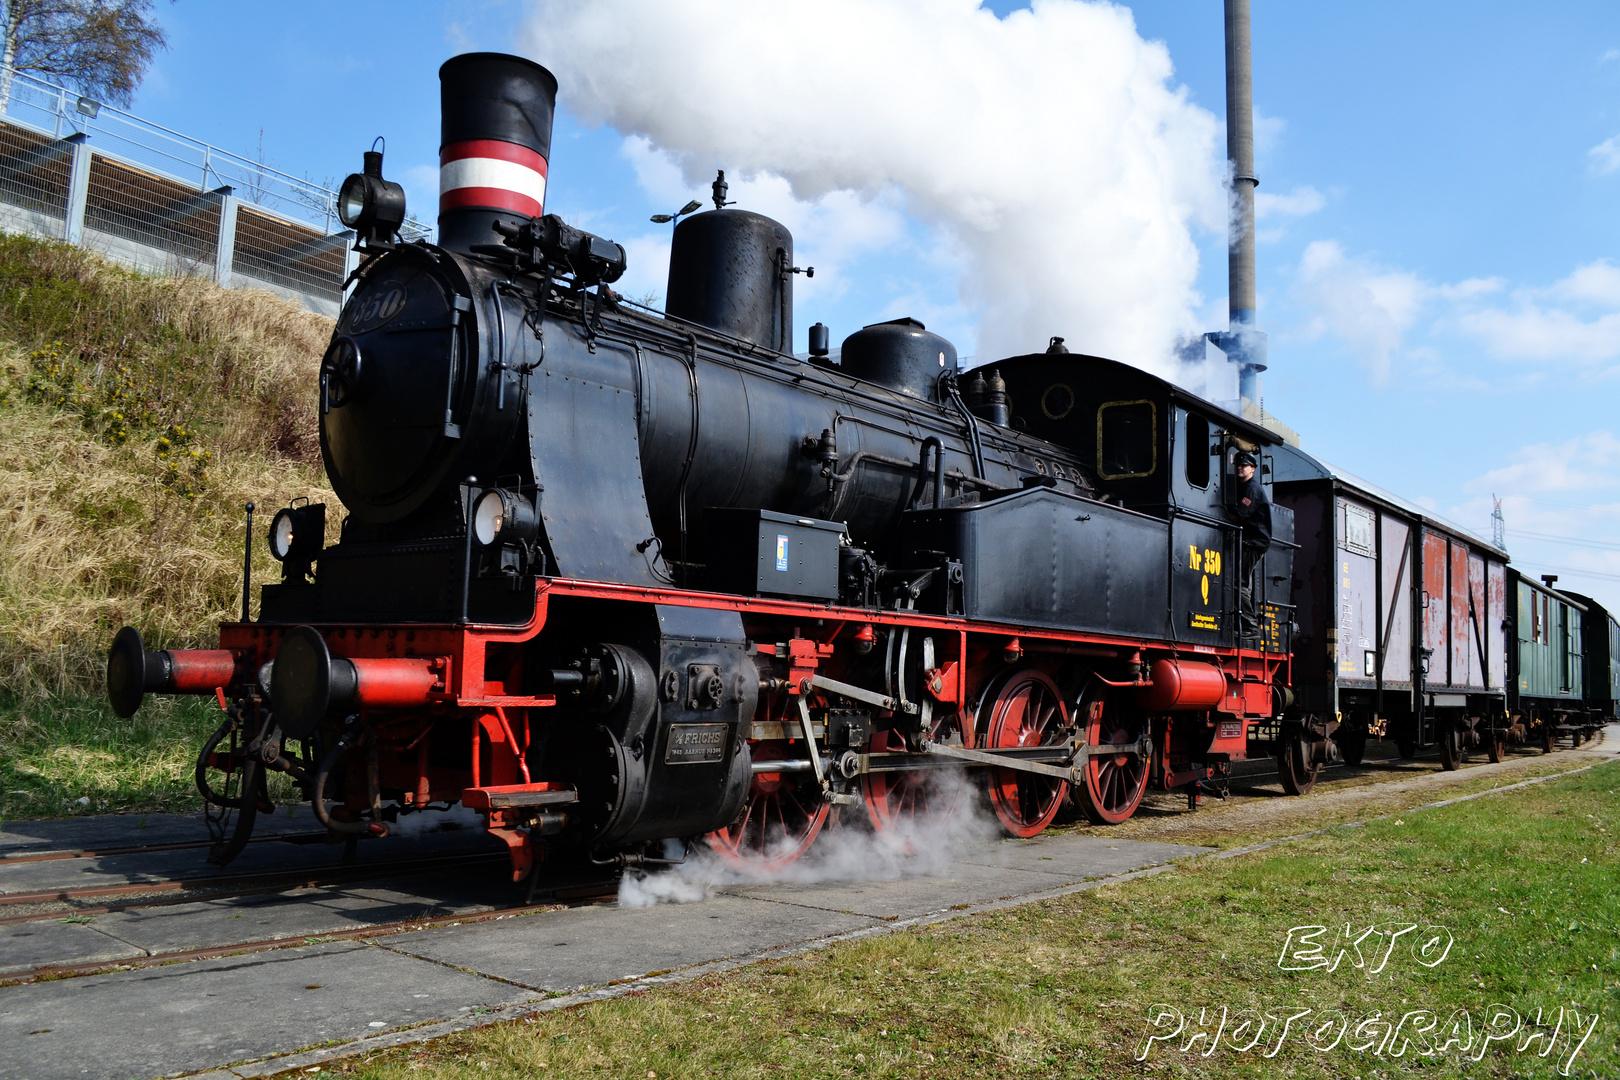 Dampflok der Strecke Bergedorf - Geesthacht